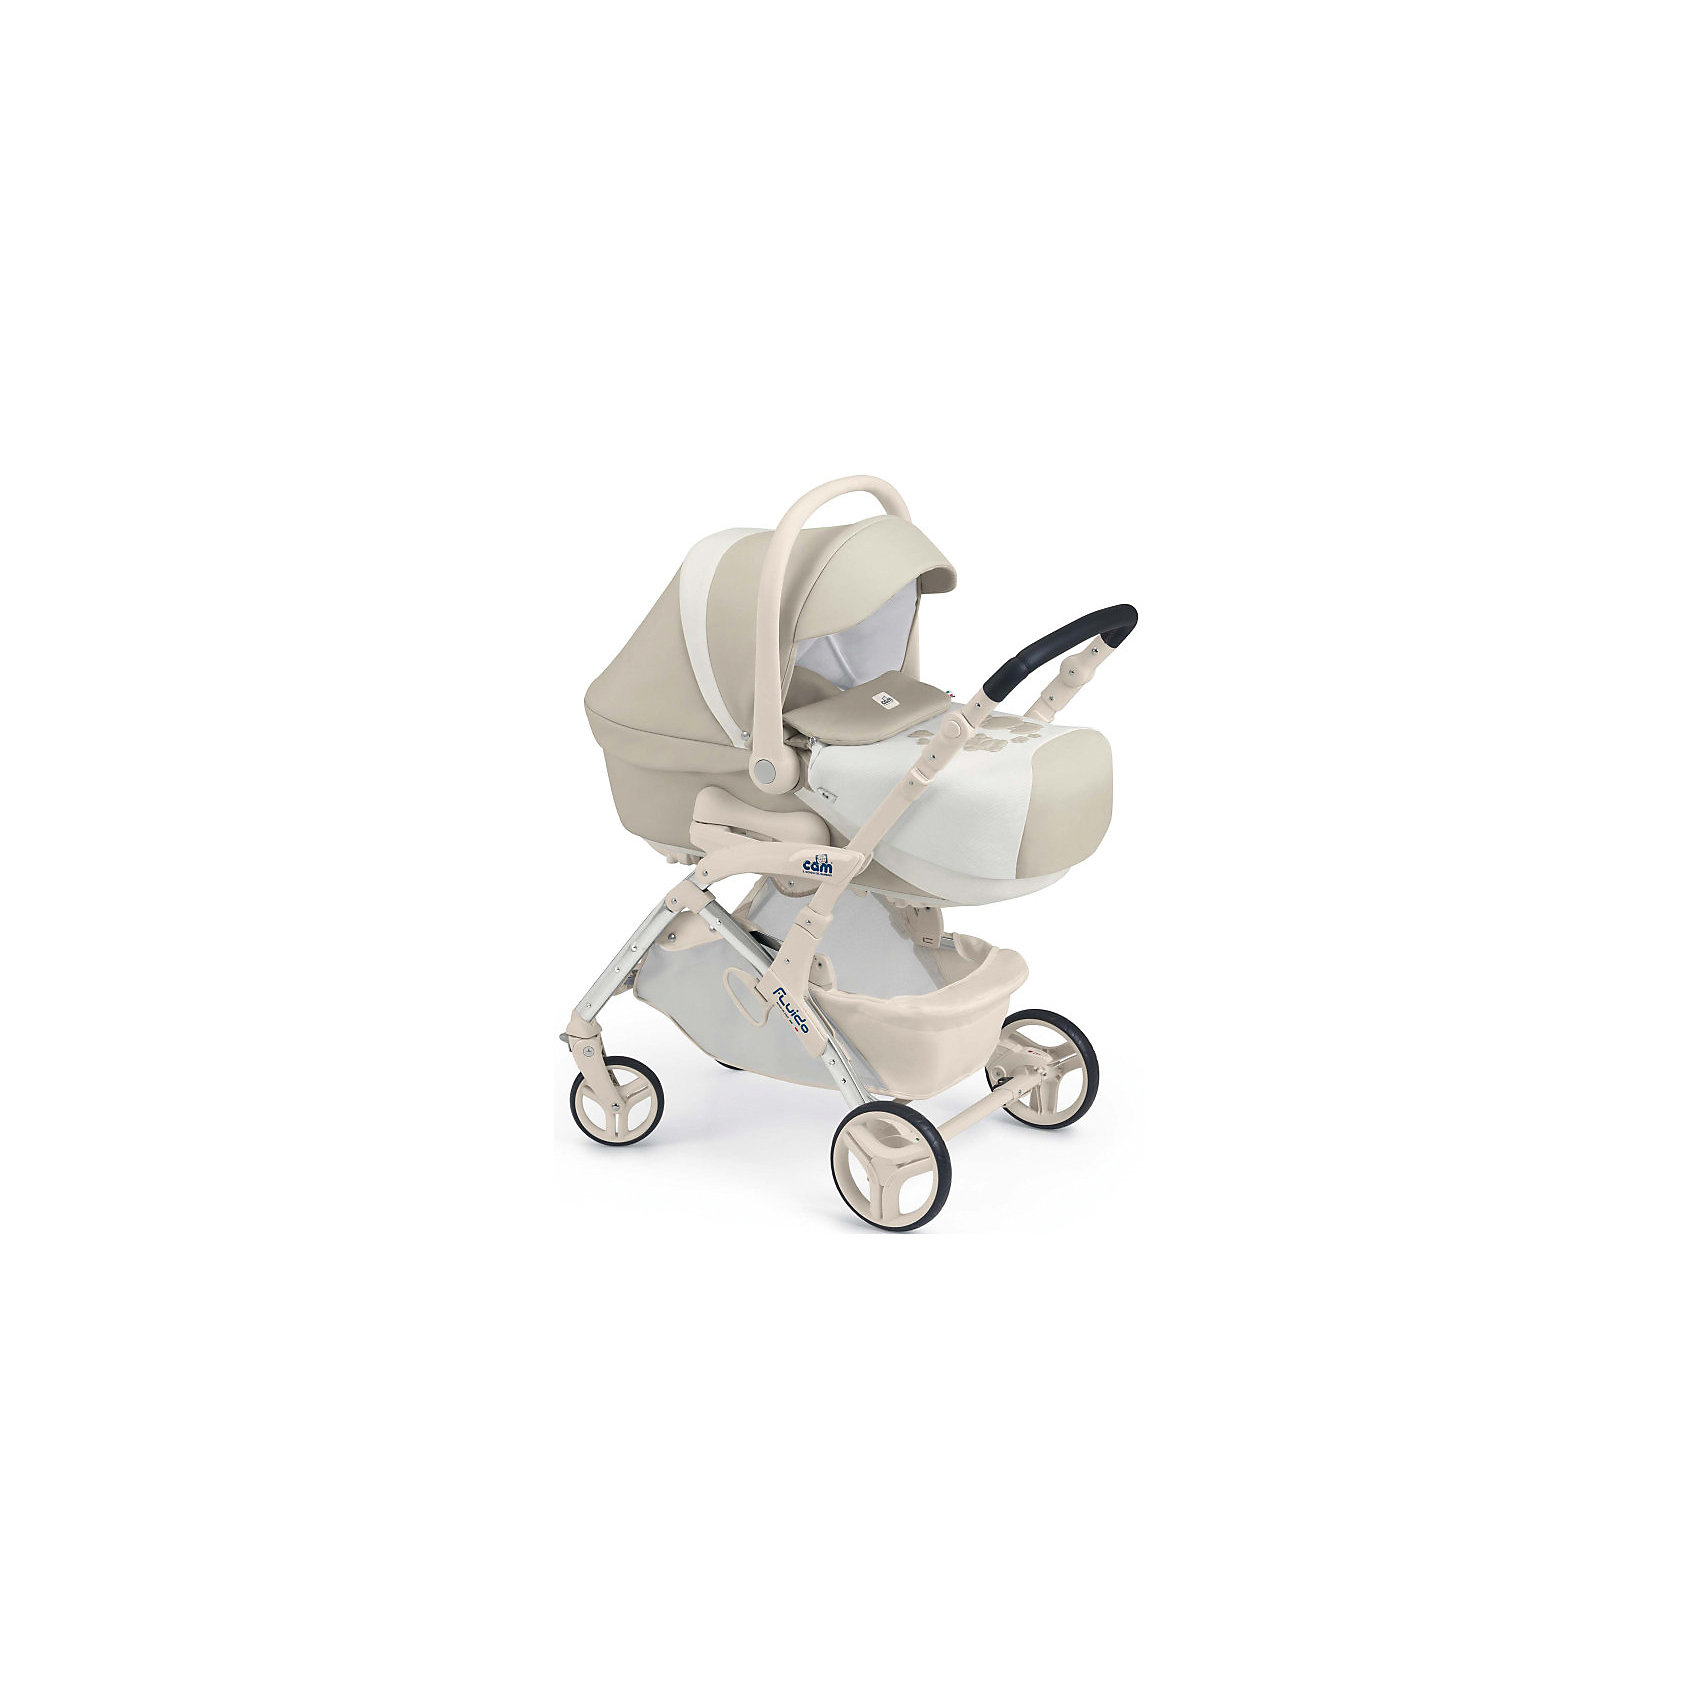 Коляска 3 в 1 Fluido Orsibelli, CAM, крем/белыйКоляска 3 в 1 Fluido Orsibelli - практичный и удобный вариант для родителей и гарантия комфорта и безопасности для малышей с рождения и до 3 лет. Алюминиевая рама гарантирует прочность, колеса разного диаметра с амортизаторами обеспечивают комфортное передвижение по любой местности.<br>Запатентованная система Quicky System позволяет быстро и надежно установить люльку на шасси. Объемная люлька с обивкой из натурального хлопка имеет мягкий матрасик со съемным чехлом, спинку, регулируемую в 4 положениях, специальные полозья, с помощью которых можно укачивать кроху. Большой капюшон защитит малыша от плохой погоды.<br>Благодаря реверсивной системе Via Vai прогулочный блок может устанавливаться по ходу и против хода движения. Пятиточечные страховочные ремни, съемный бампер, капюшон с козырьком от солнца и регулируемая до положения лежа спинка обеспечат комфортные и безопасные прогулки в любую погоду. <br>Автокресло крепится в автомобиле при помощи штатных ремней безопасности, устанавливается против хода движения, имеет мягкий внутренний вкладыш и накладки на ремни безопасности. <br>Коляска Fluido Orsibelli имеет регулируемую по высоте ручку, шасси компактно складывается, в сложенном виде занимает мало места при хранении и транспортировке. <br><br>Дополнительная информация:<br><br>- Комплектация: люлька, прогулочный блок, автокресло - переноска, шасси,<br>сумка с пеленальным матрасиком, накидка на ножки, дождевик для прогулочного блока.<br>- Материал: алюминий, резина, пластик, текстиль. <br>- Количество колес: 4 (передние - поворотные с возможностью блокировки).<br>- Ножной тормоз. <br>- Размер люльки: 80x38x66 см.<br>- Вес: 4,6 кг.<br>- Размер коляски с люлькой: 56х90х114 см.<br>- Вес: 9,8 кг.<br>- Размер прогулочного блока: 84x56x100 см.<br>- Размер коляски (вместе с прогулочным блоком): 56х84х100 см.<br>- Вес: 7,2 кг.<br>- Размер шасси в сложенном виде: 26x56x83 см.<br>- Вес шасси: 5,2 кг.<br>- Размер автокресла: 64х44х58 